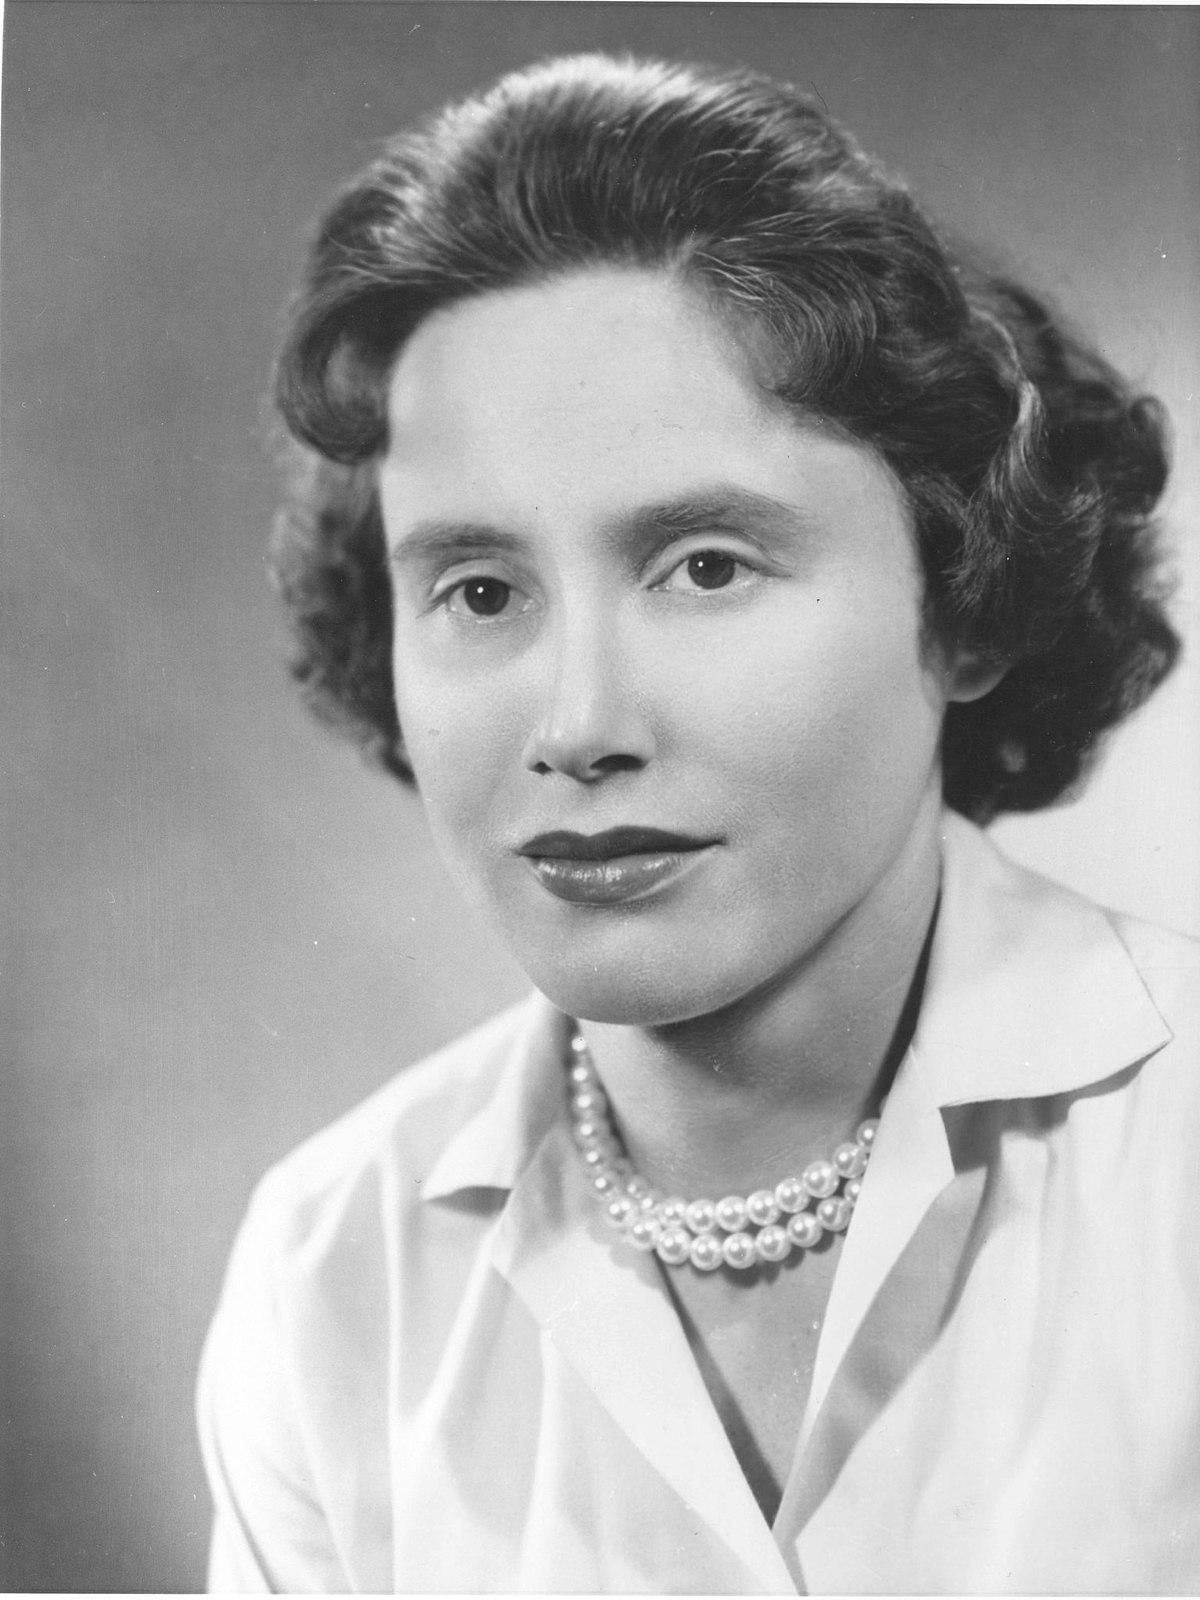 Ruth L. Kirschstein